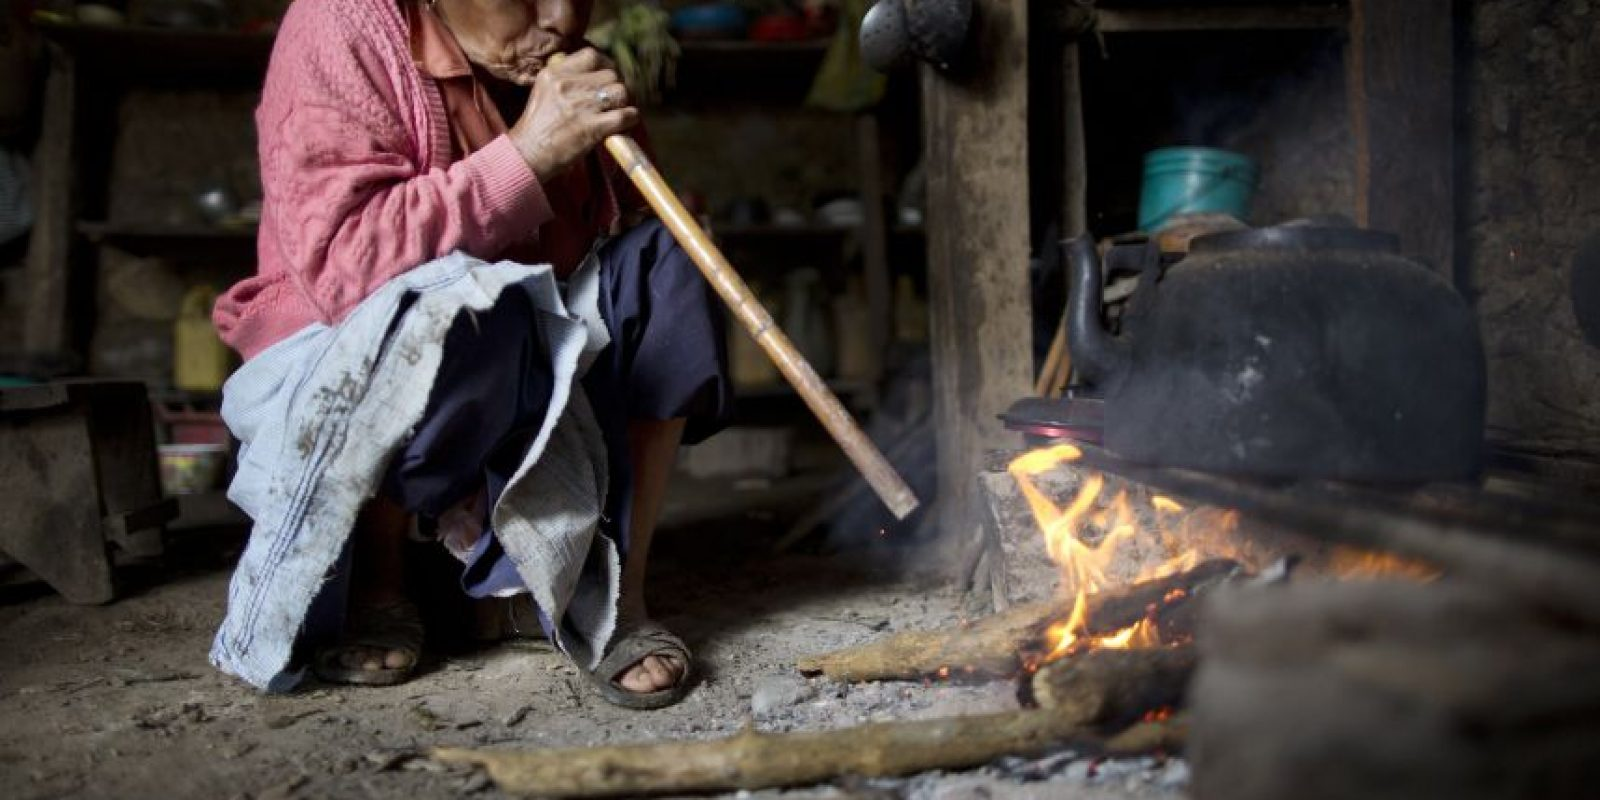 En esta fotografía tomada el 15 de marzo de 2015, Rufina Gálvez sopla un bastón de caña para avivar el fuego mientras prepara un caldo de pollo para conmemorar el segundo aniversario de la muerte de su hijo, en La Mar, provincia de Ayacucho, Perú. Yuri, su hijo, la adoraba, la transportaba por Ayacucho en su motocicleta azul, le daba de comer, y se aseguraba que ella tuviera minutos para hablar por su teléfono celular, dice. Yuri era estudiante universitario, había conseguido el permiso de su padre para transportar coca y así terminar de pagar sus estudios de agronomía. En marzo de 2013, el cuerpo de su hijo fue encontrado boca arriba en un sendero de la montaña, con heridas de bala en la cabeza, el estómago y un brazo. Foto:AP Foto/Rodrigo Abd